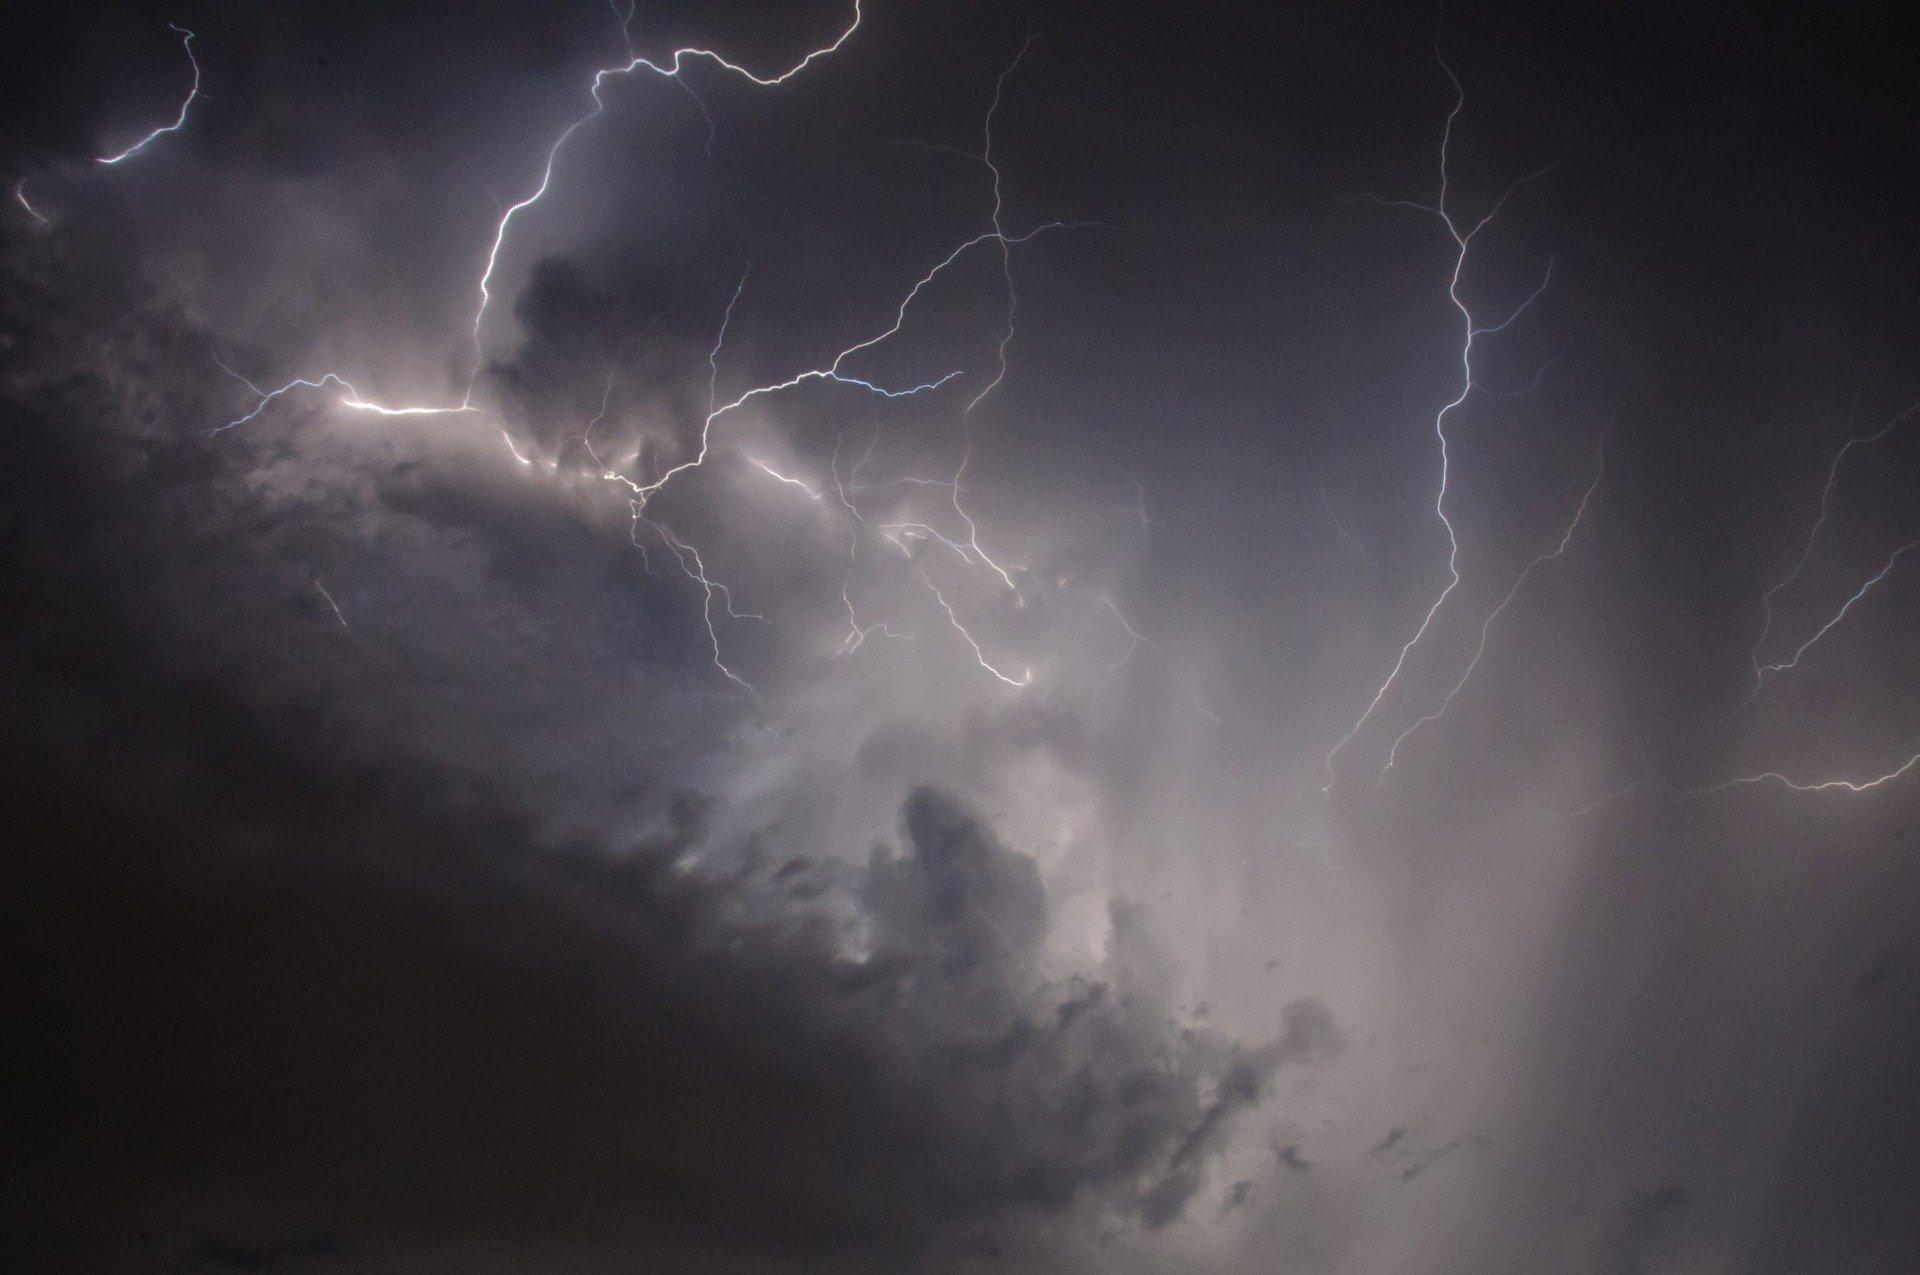 МЧС по Ярославской области опубликовало предупреждение о грозе и сильном ветре